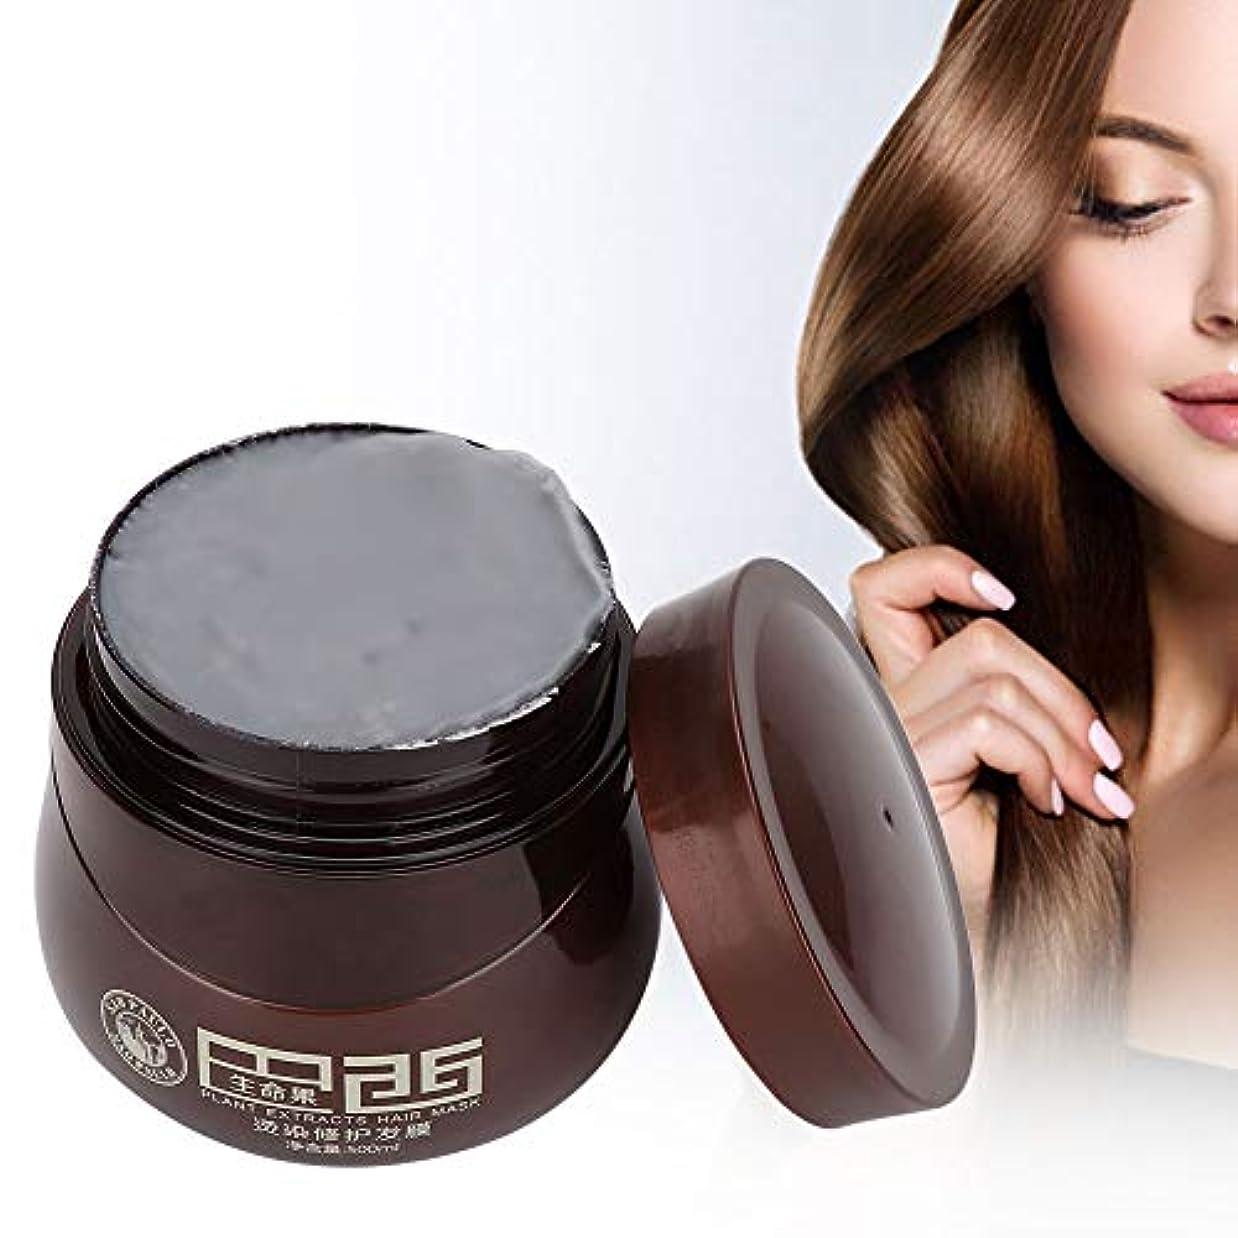 達成可能摂動かかわらずヘアマスク、染毛剤ダメージヘアナリッシングリペアマスクトリートメントコンディショナープロのヘアサロンや家庭での使用に最適500ml